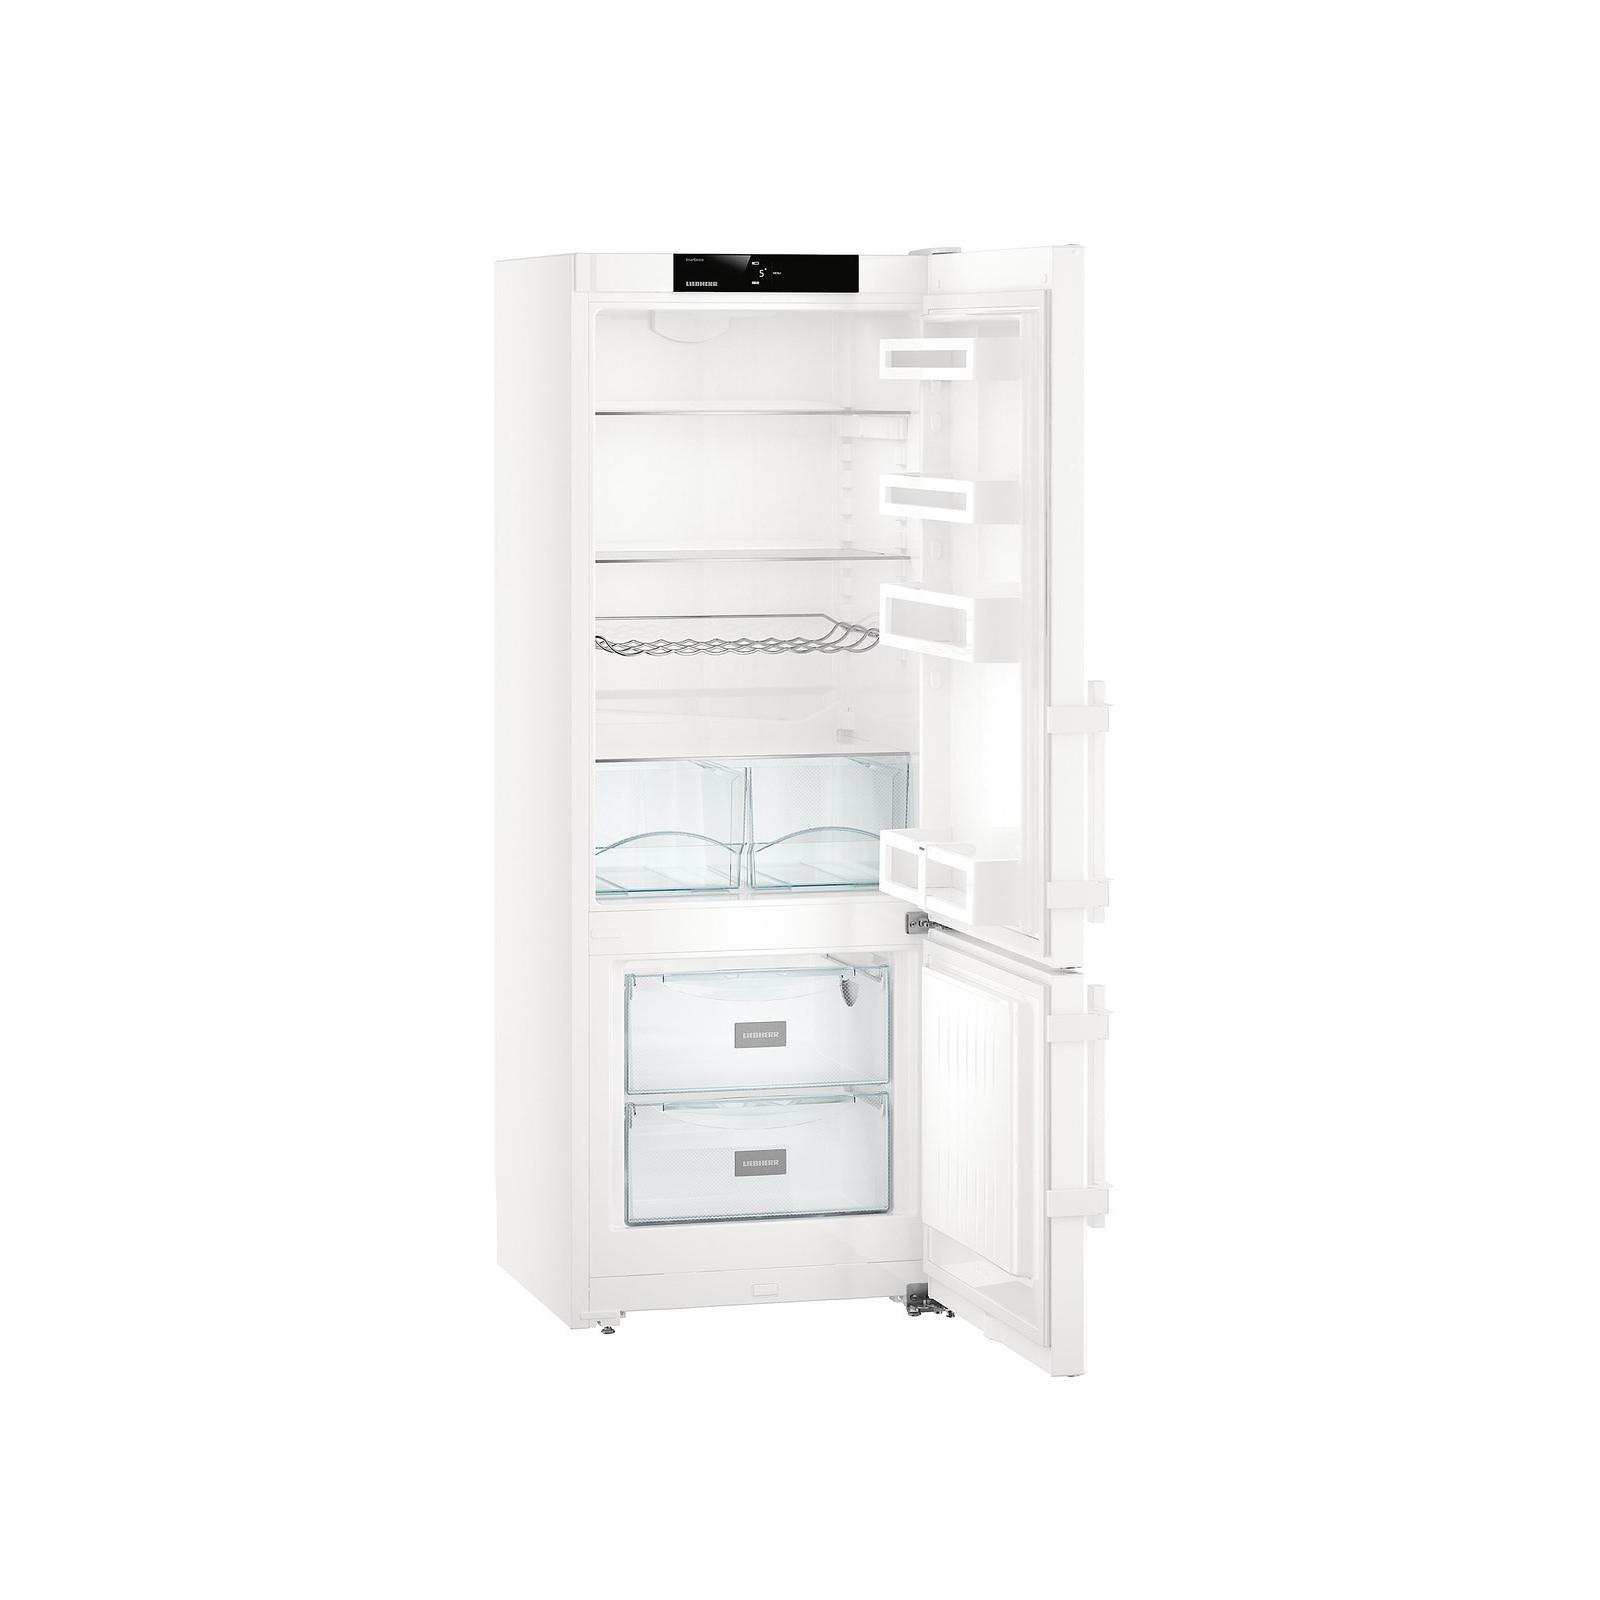 Холодильник Liebherr CU 2915 изображение 3